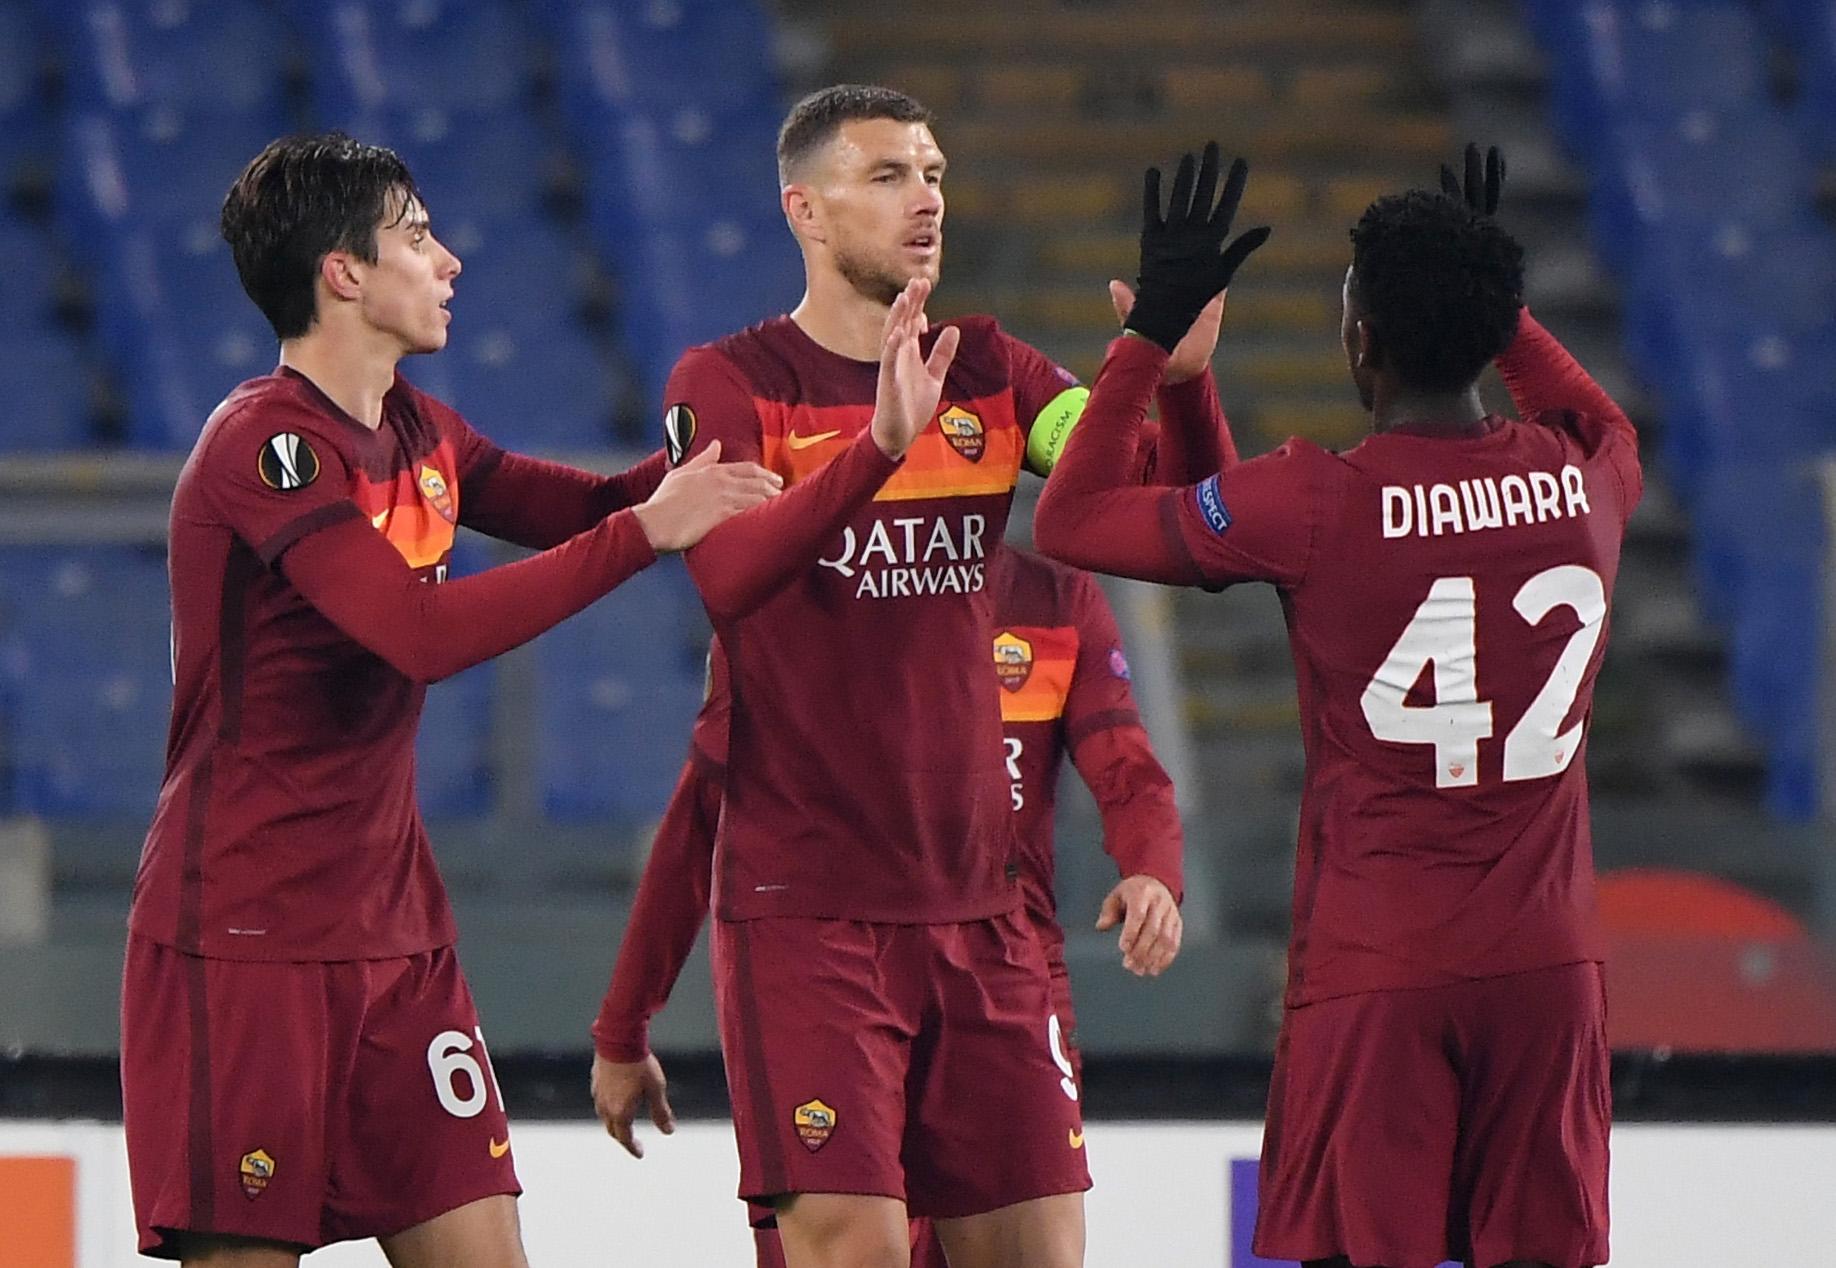 Η Ρόμα νίκησε άνετα την Τορίνο και έβαλε «φωτιά» στην κορυφή της Serie A